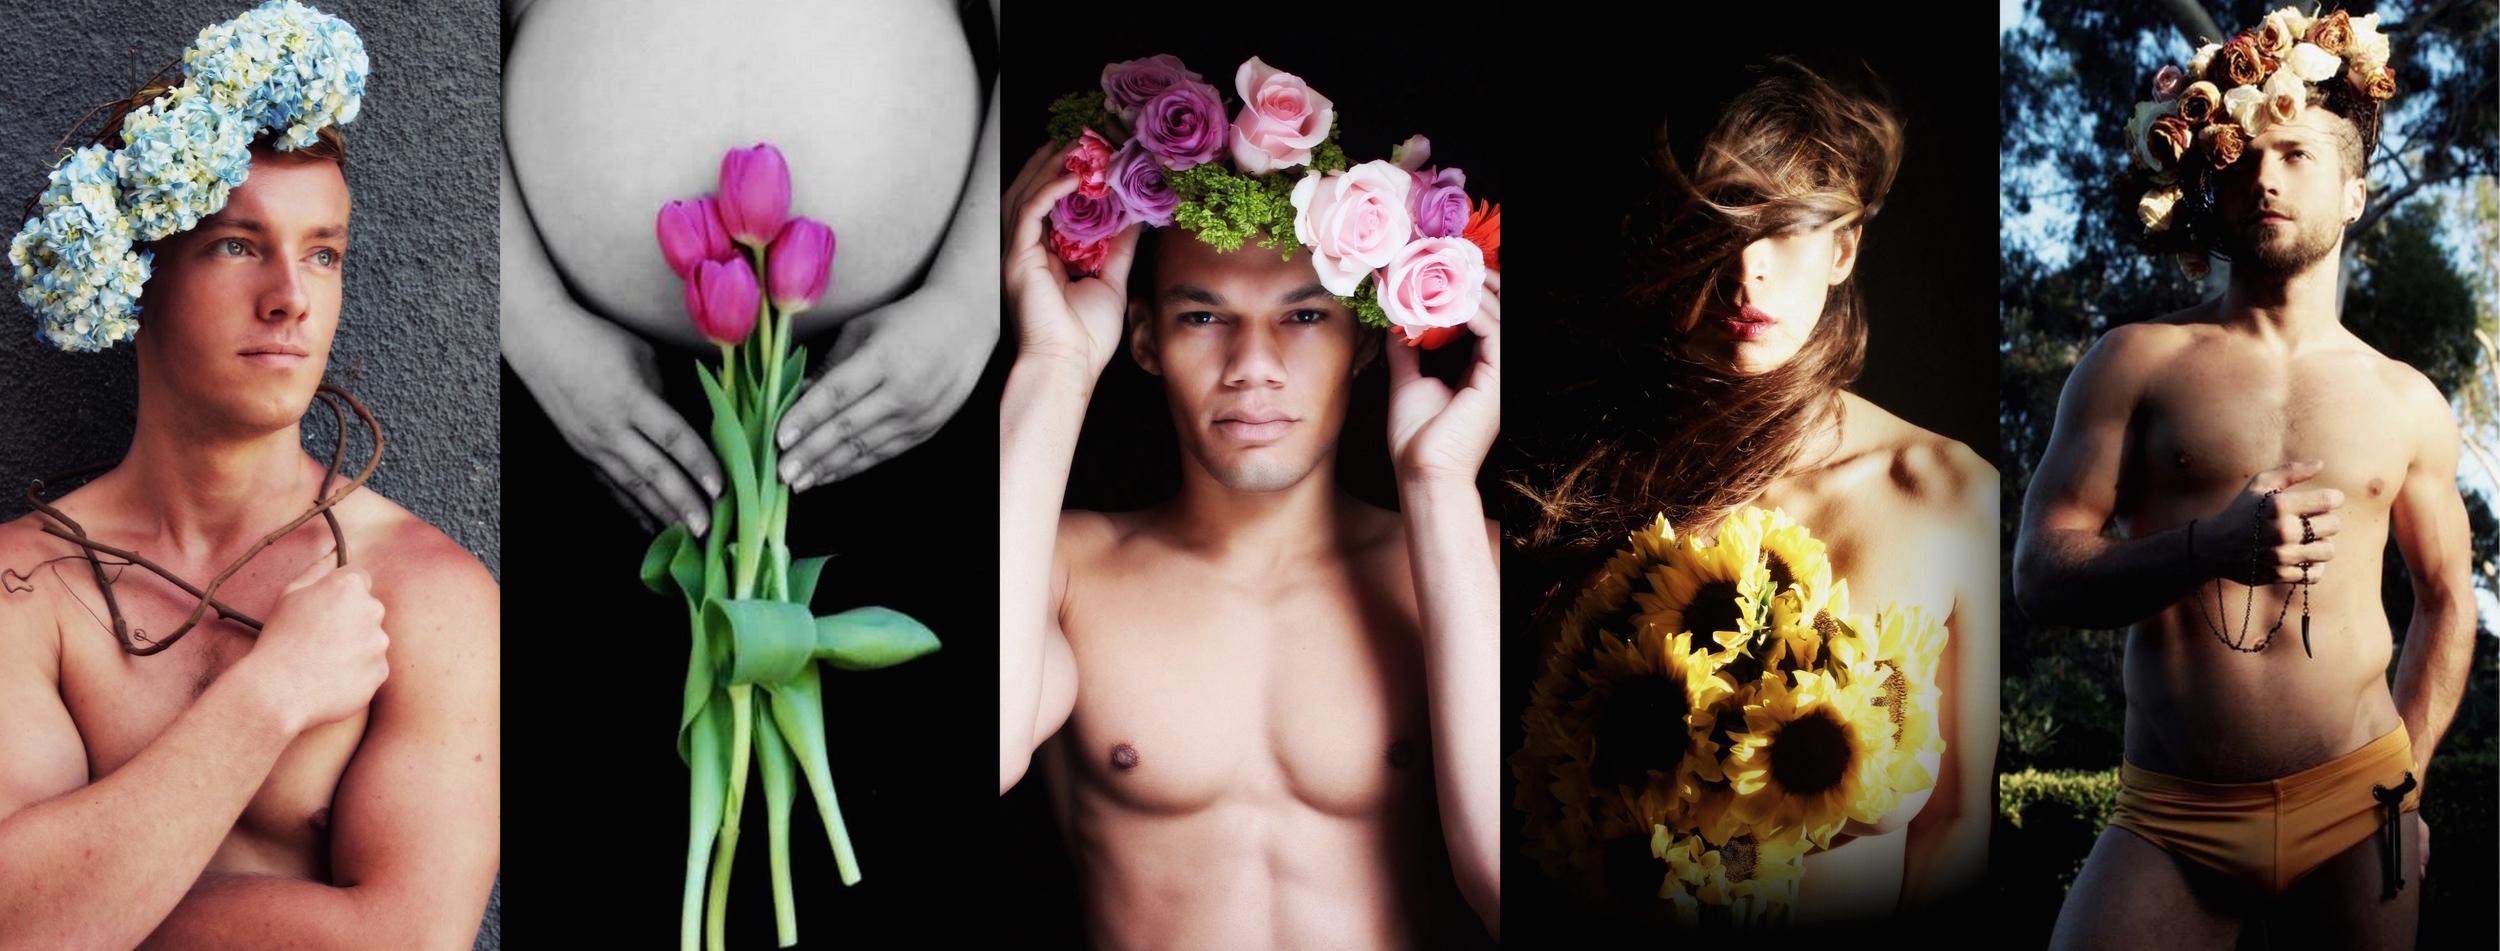 Flowerscollage.jpg